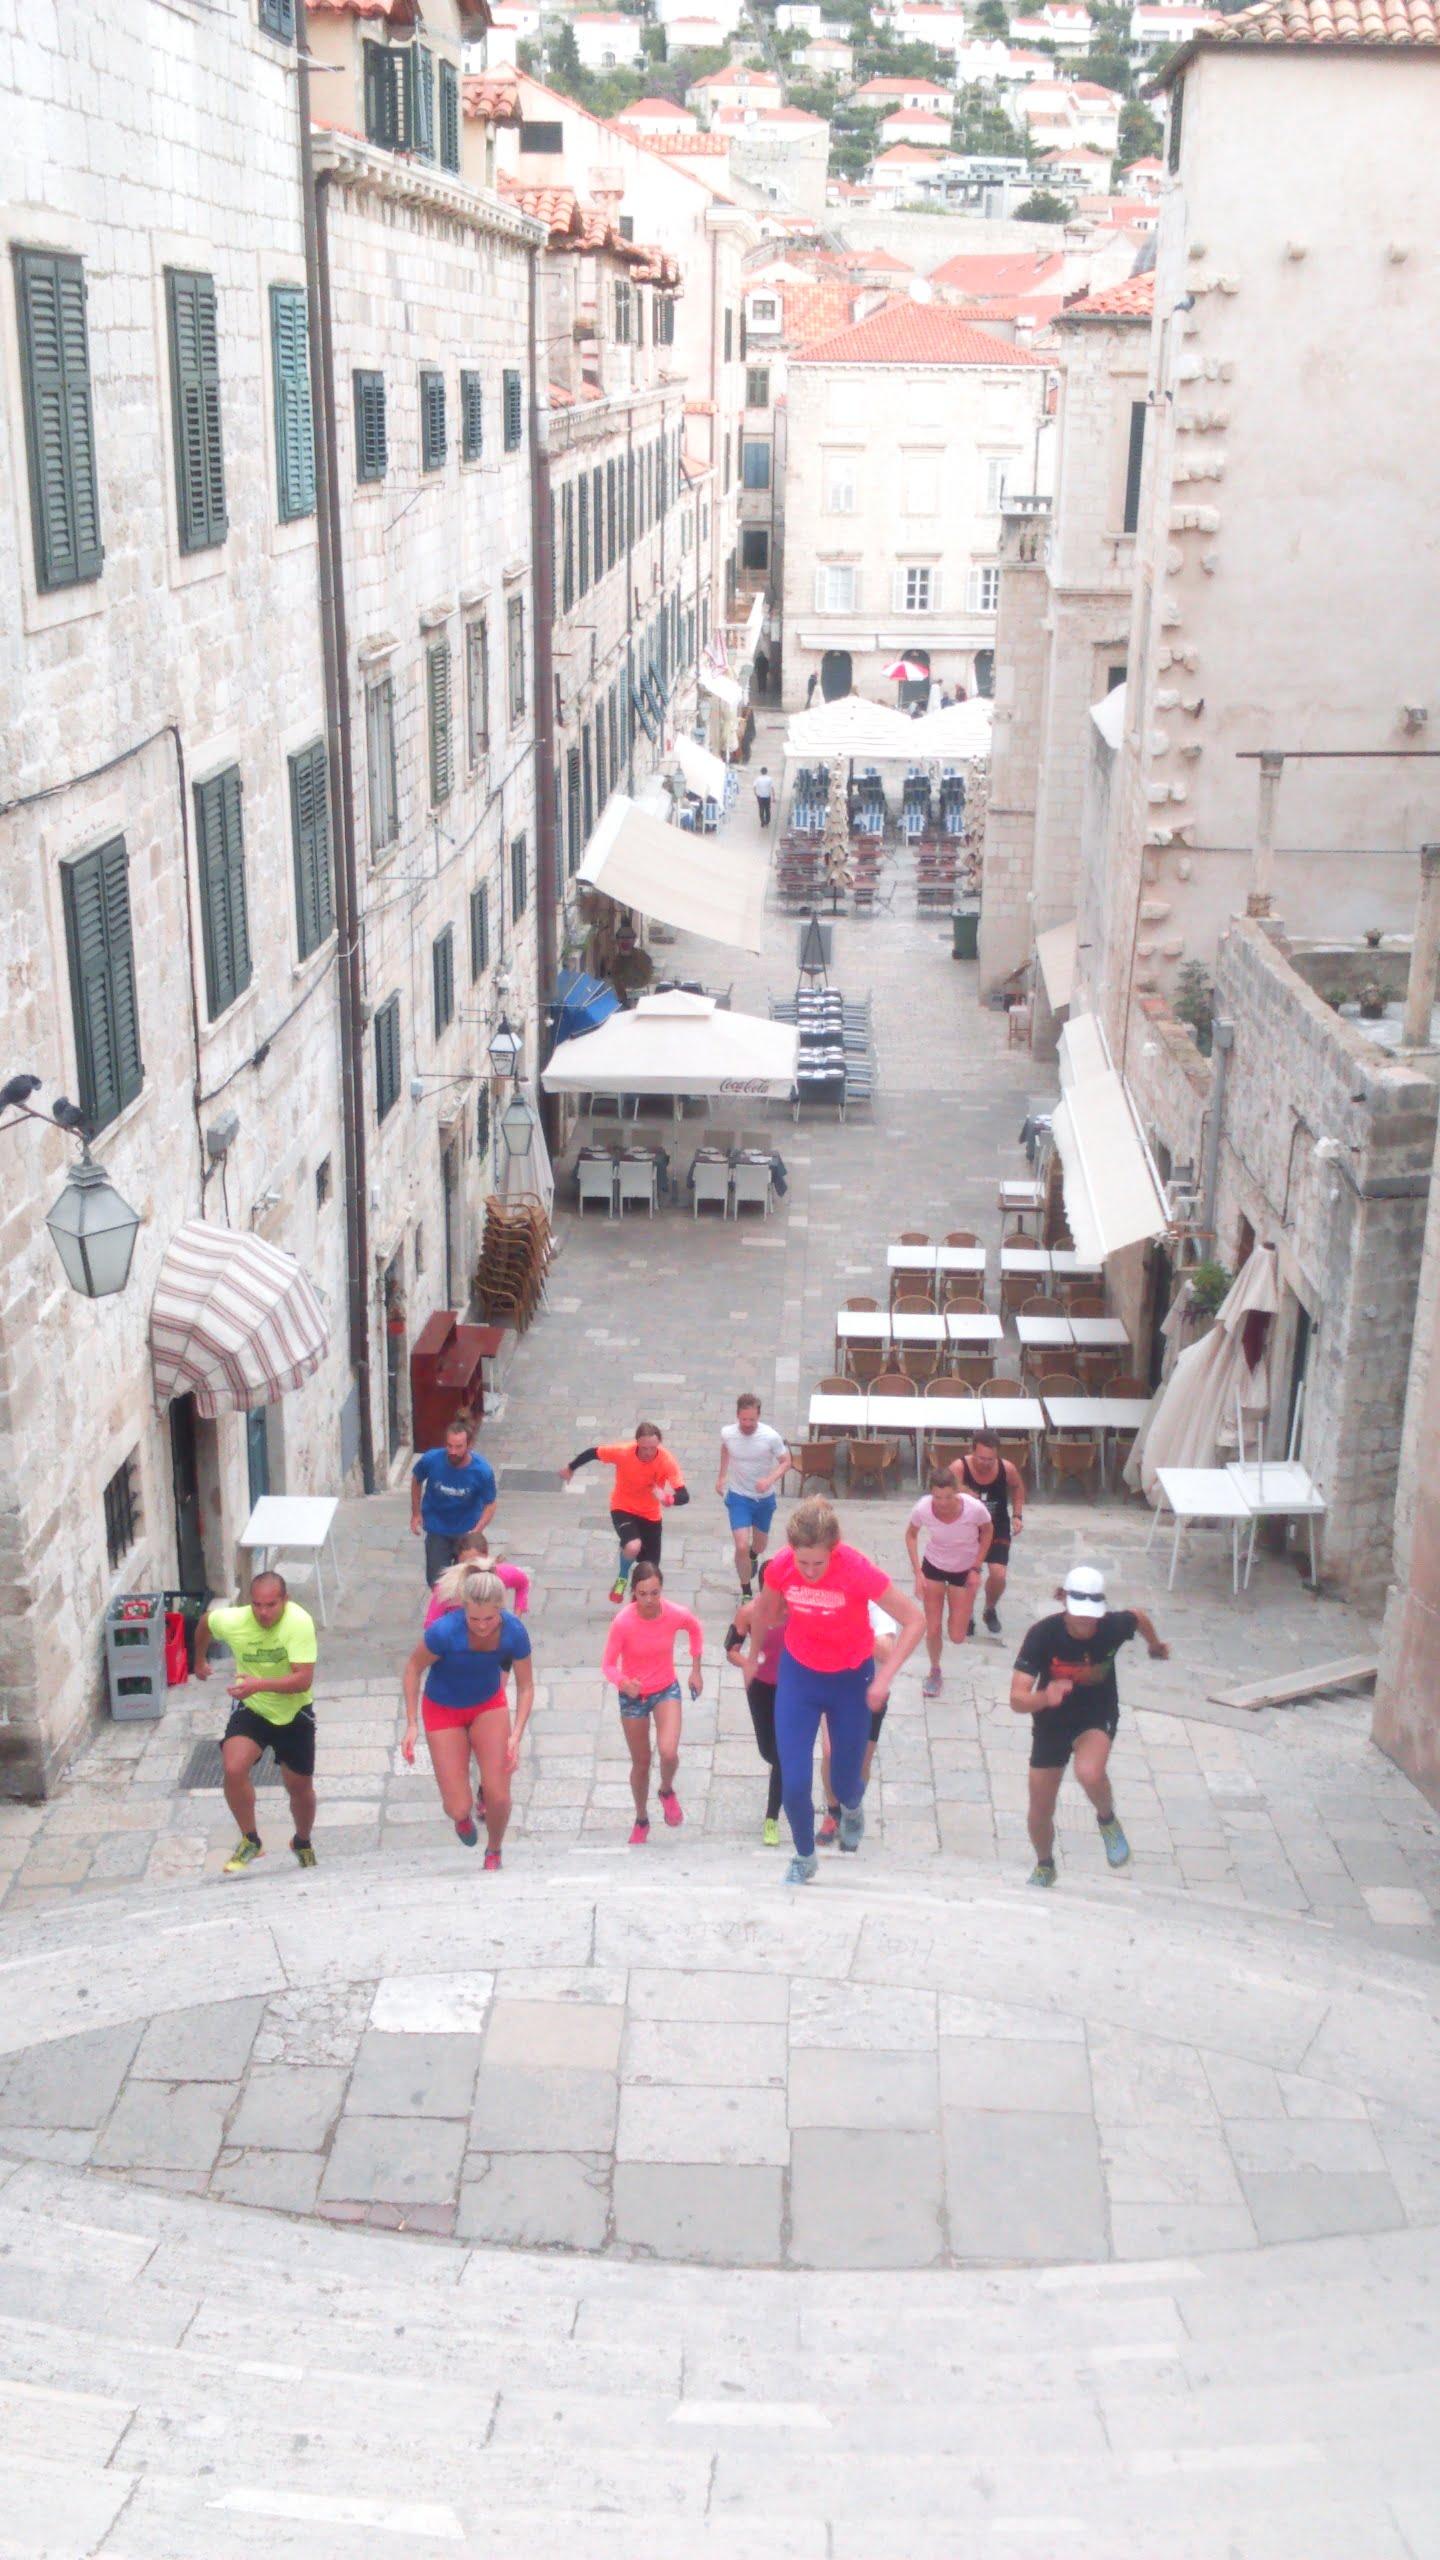 Jag har kastat ut min TV. Men för de som följer Game of Thrones. Denna trappa i Dubrovniks gamla stad är där drottningen går sim walk of shame.